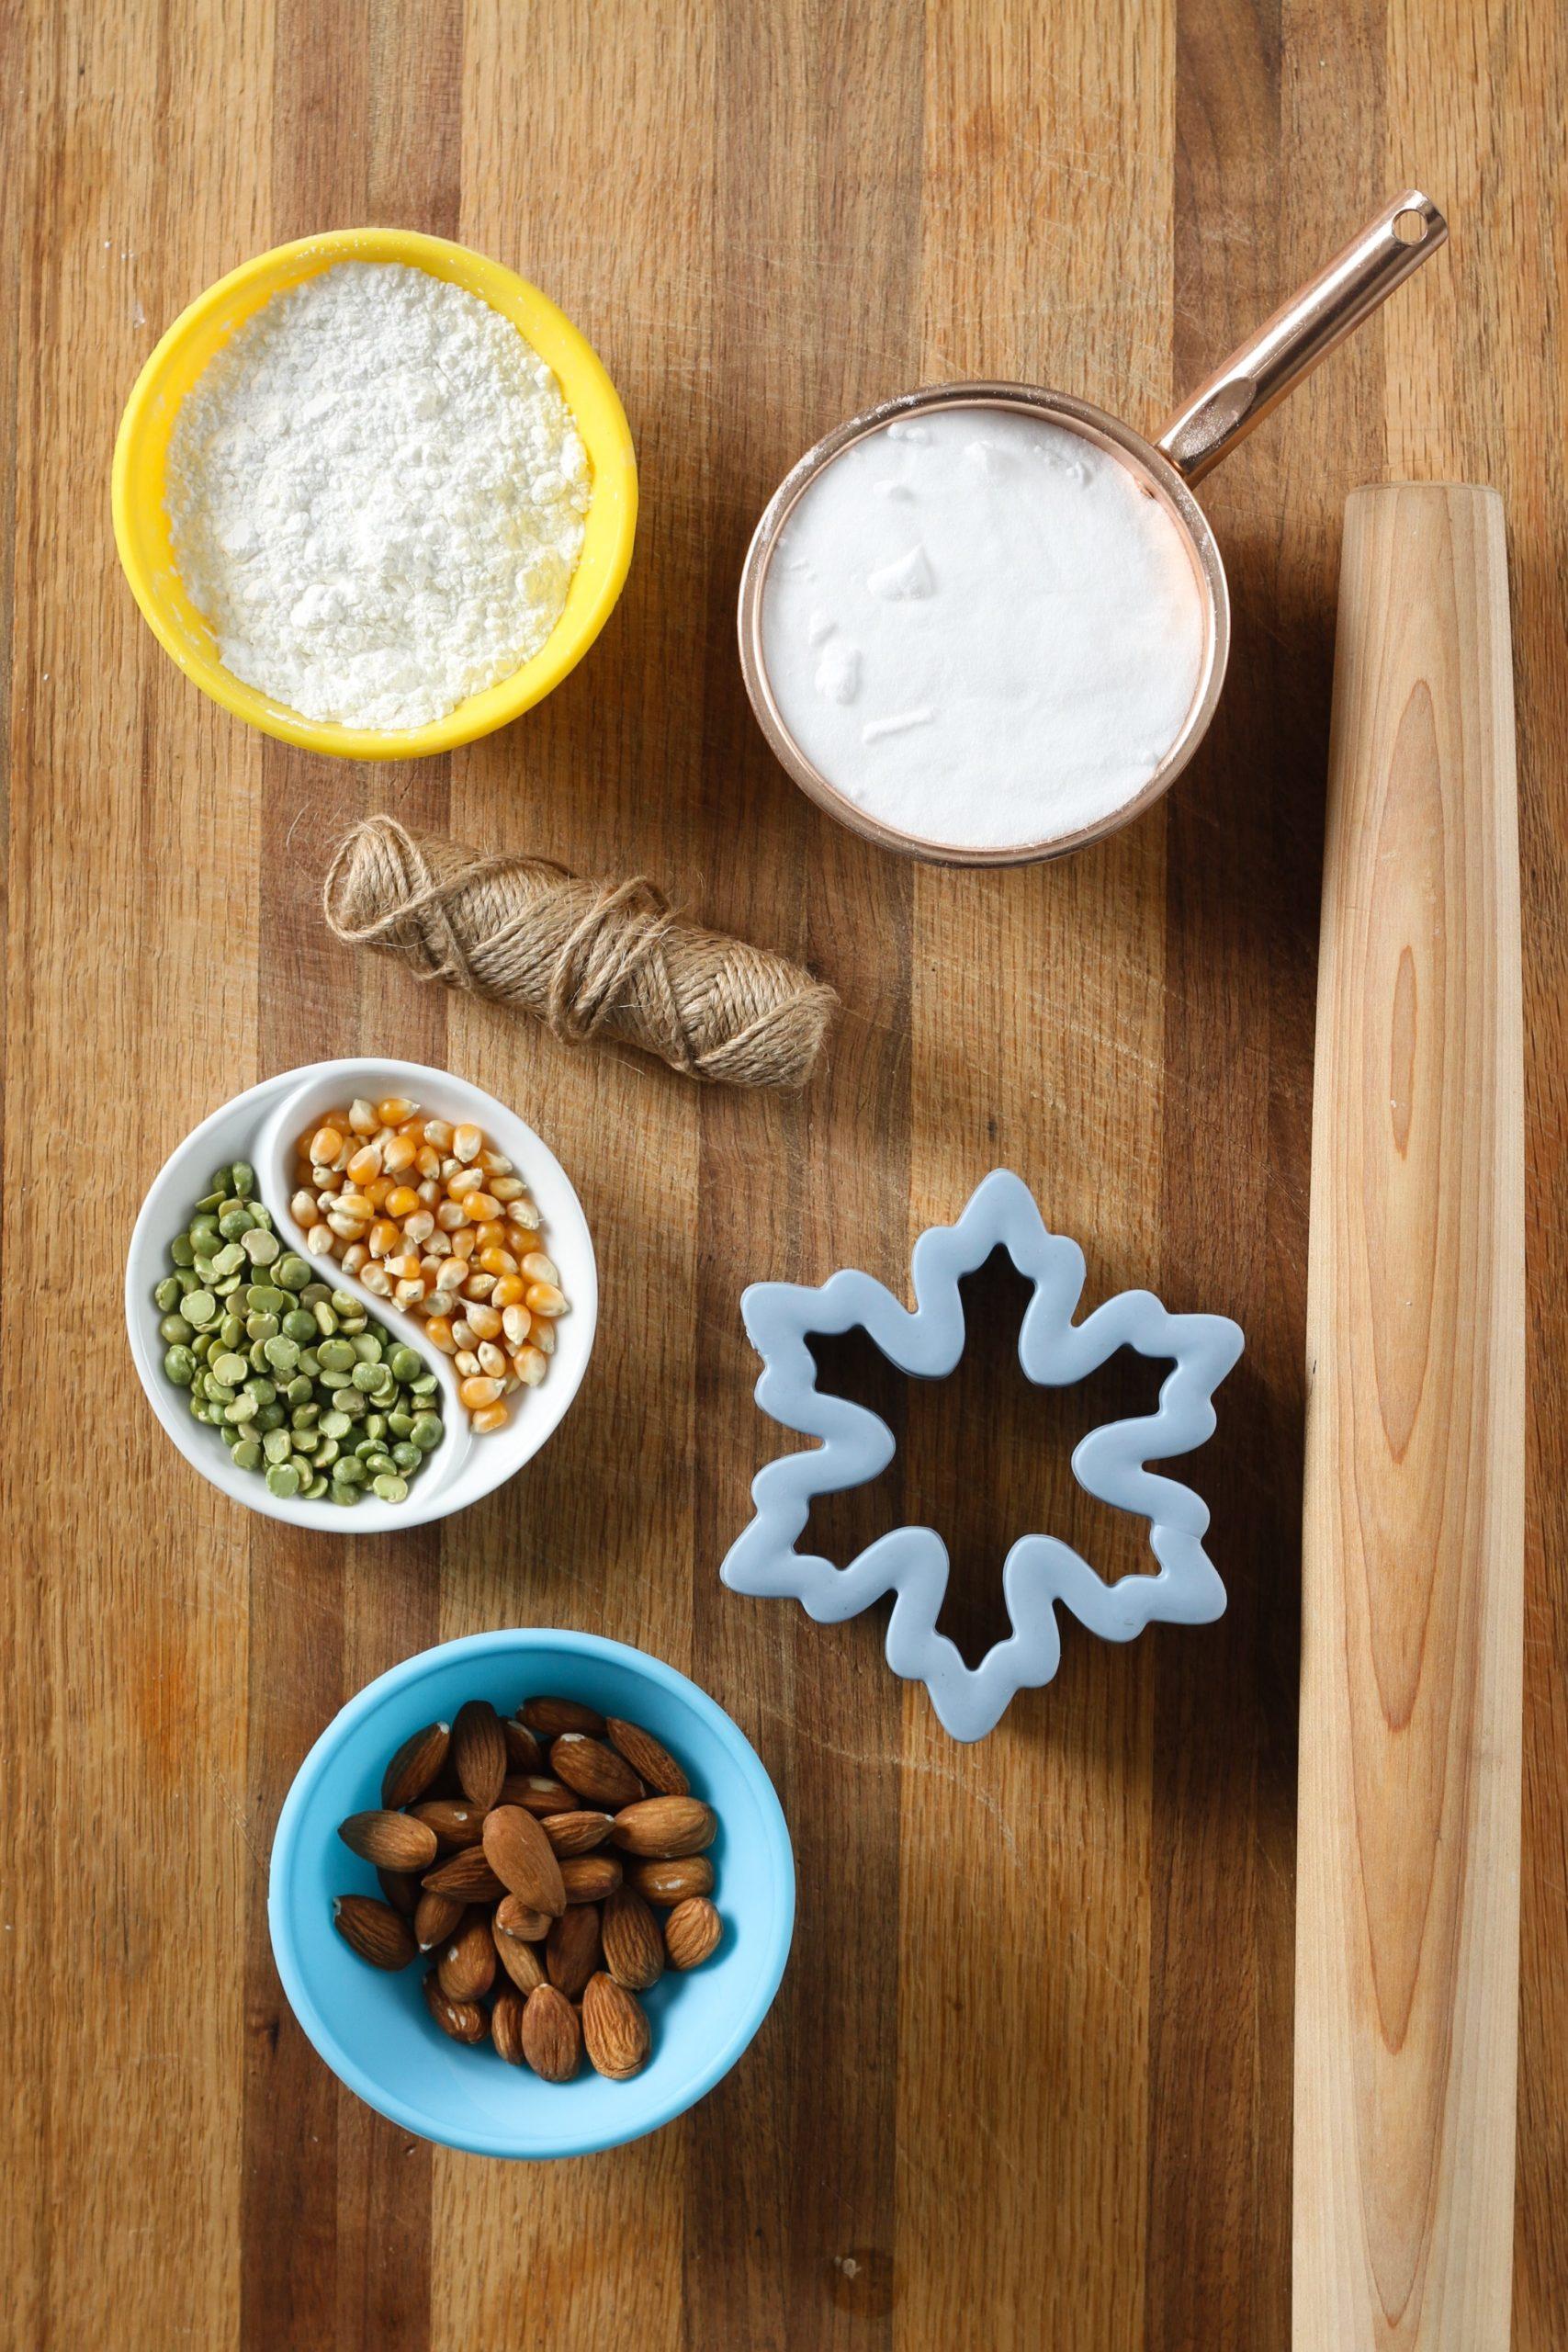 C'est tout ce dont vous avez besoin pour faire de belles décorations en pâte à sel.